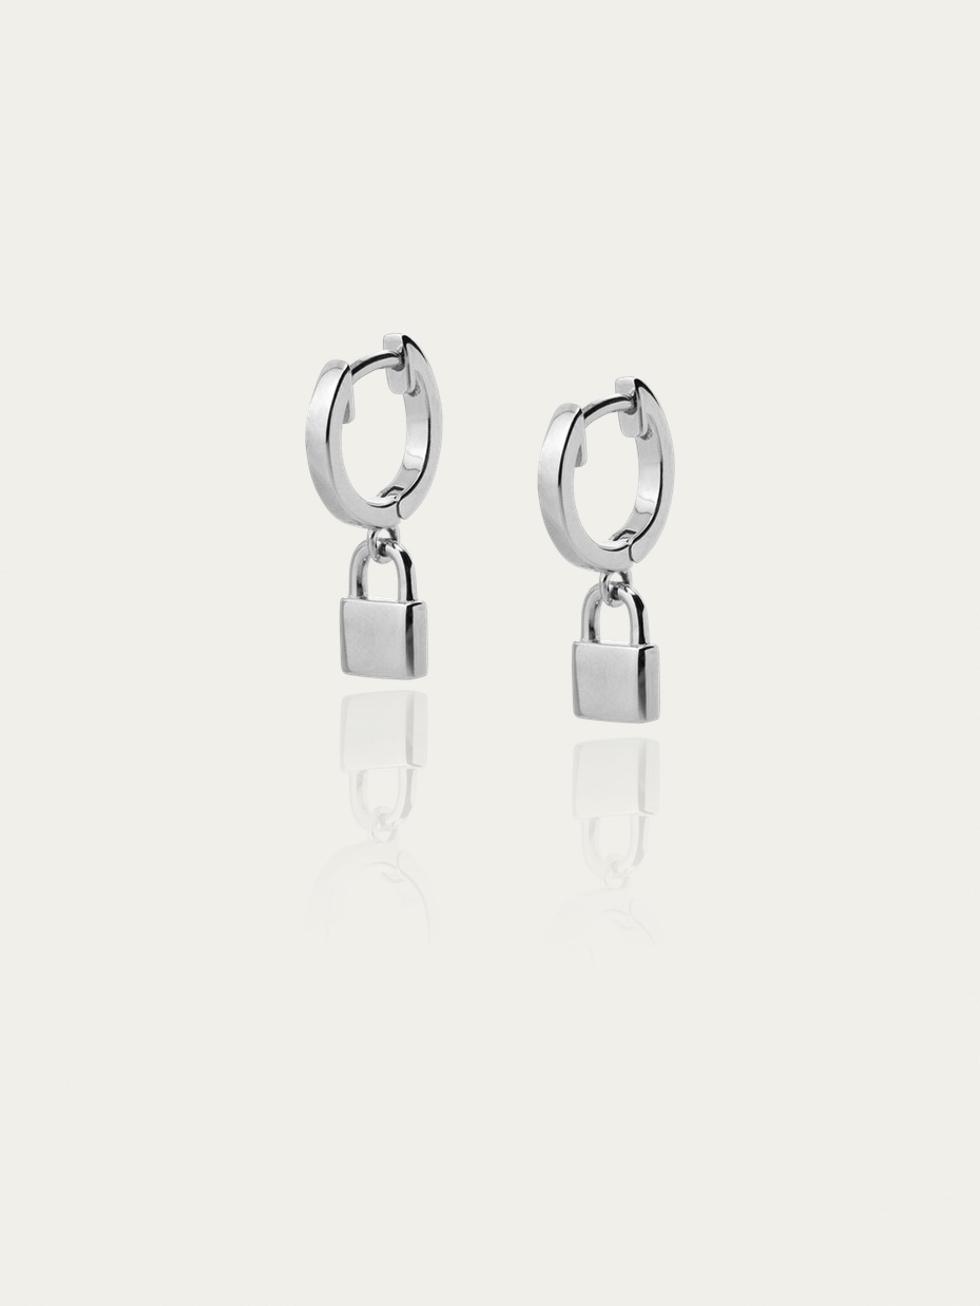 Pendiente lock silver2